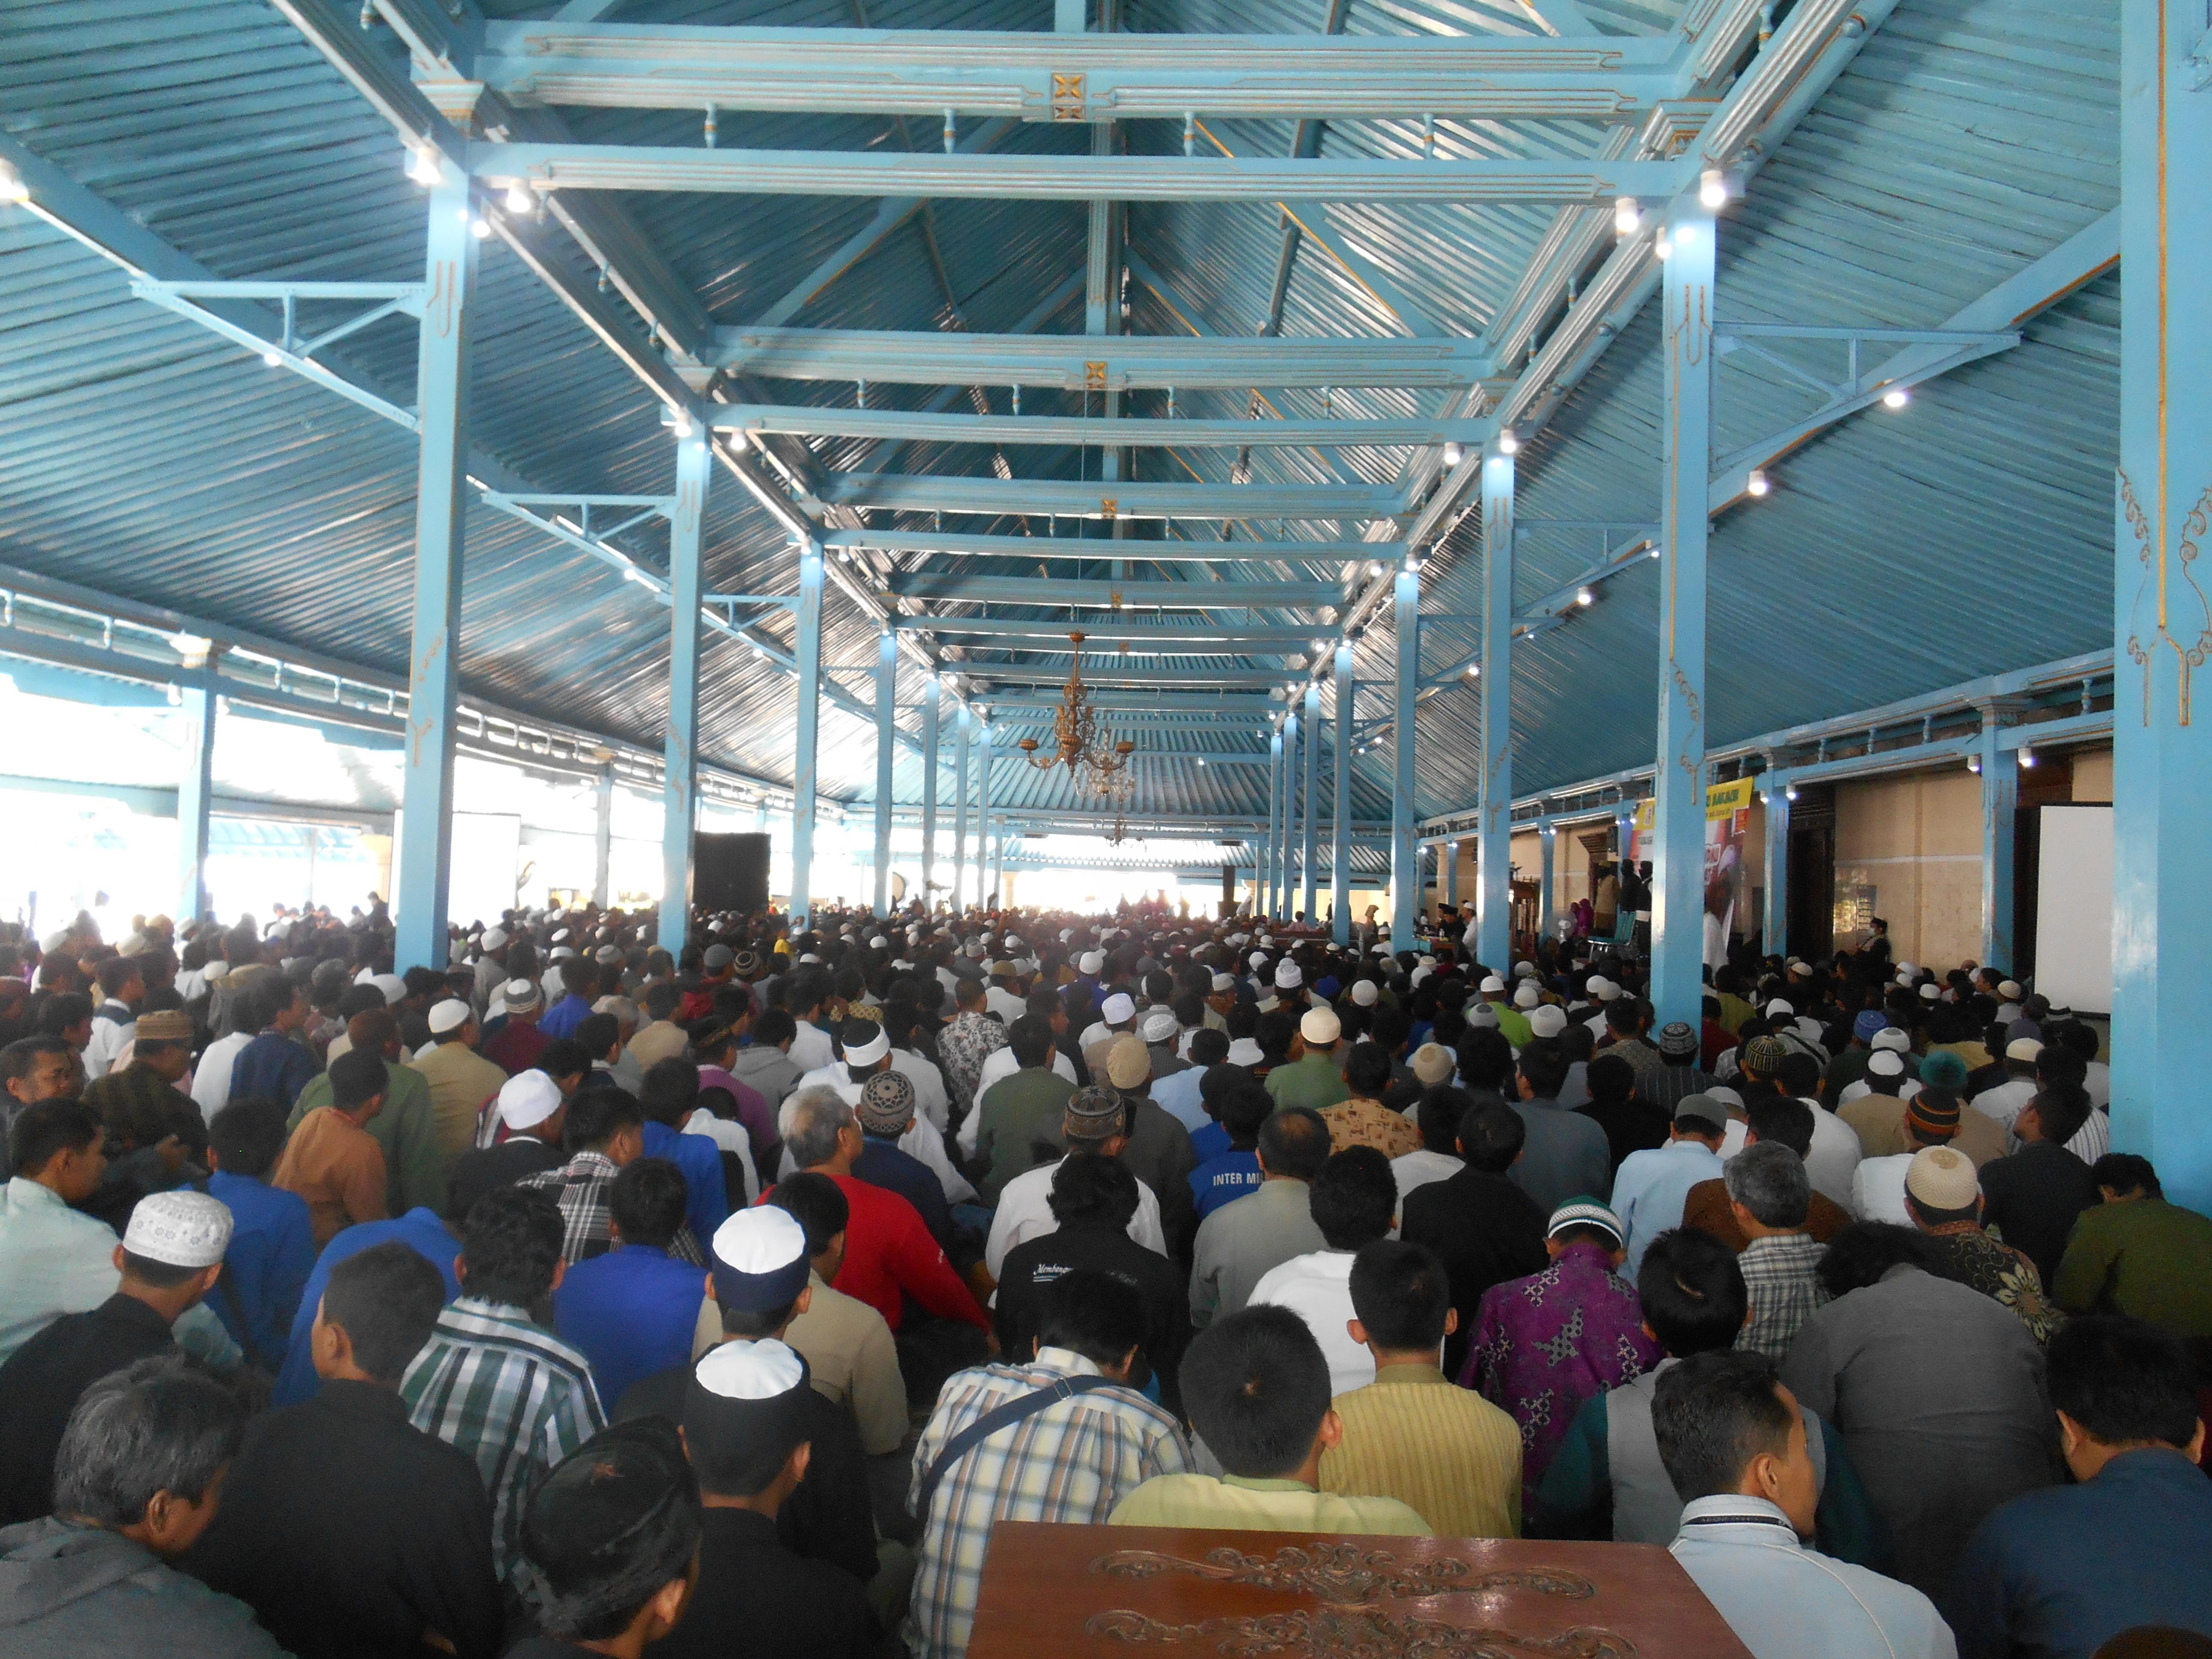 Ribuan Kaum Muslimin Hadiri Tabligh Akbar Anti Syiah di Masjid Agung Keraton Surakarta